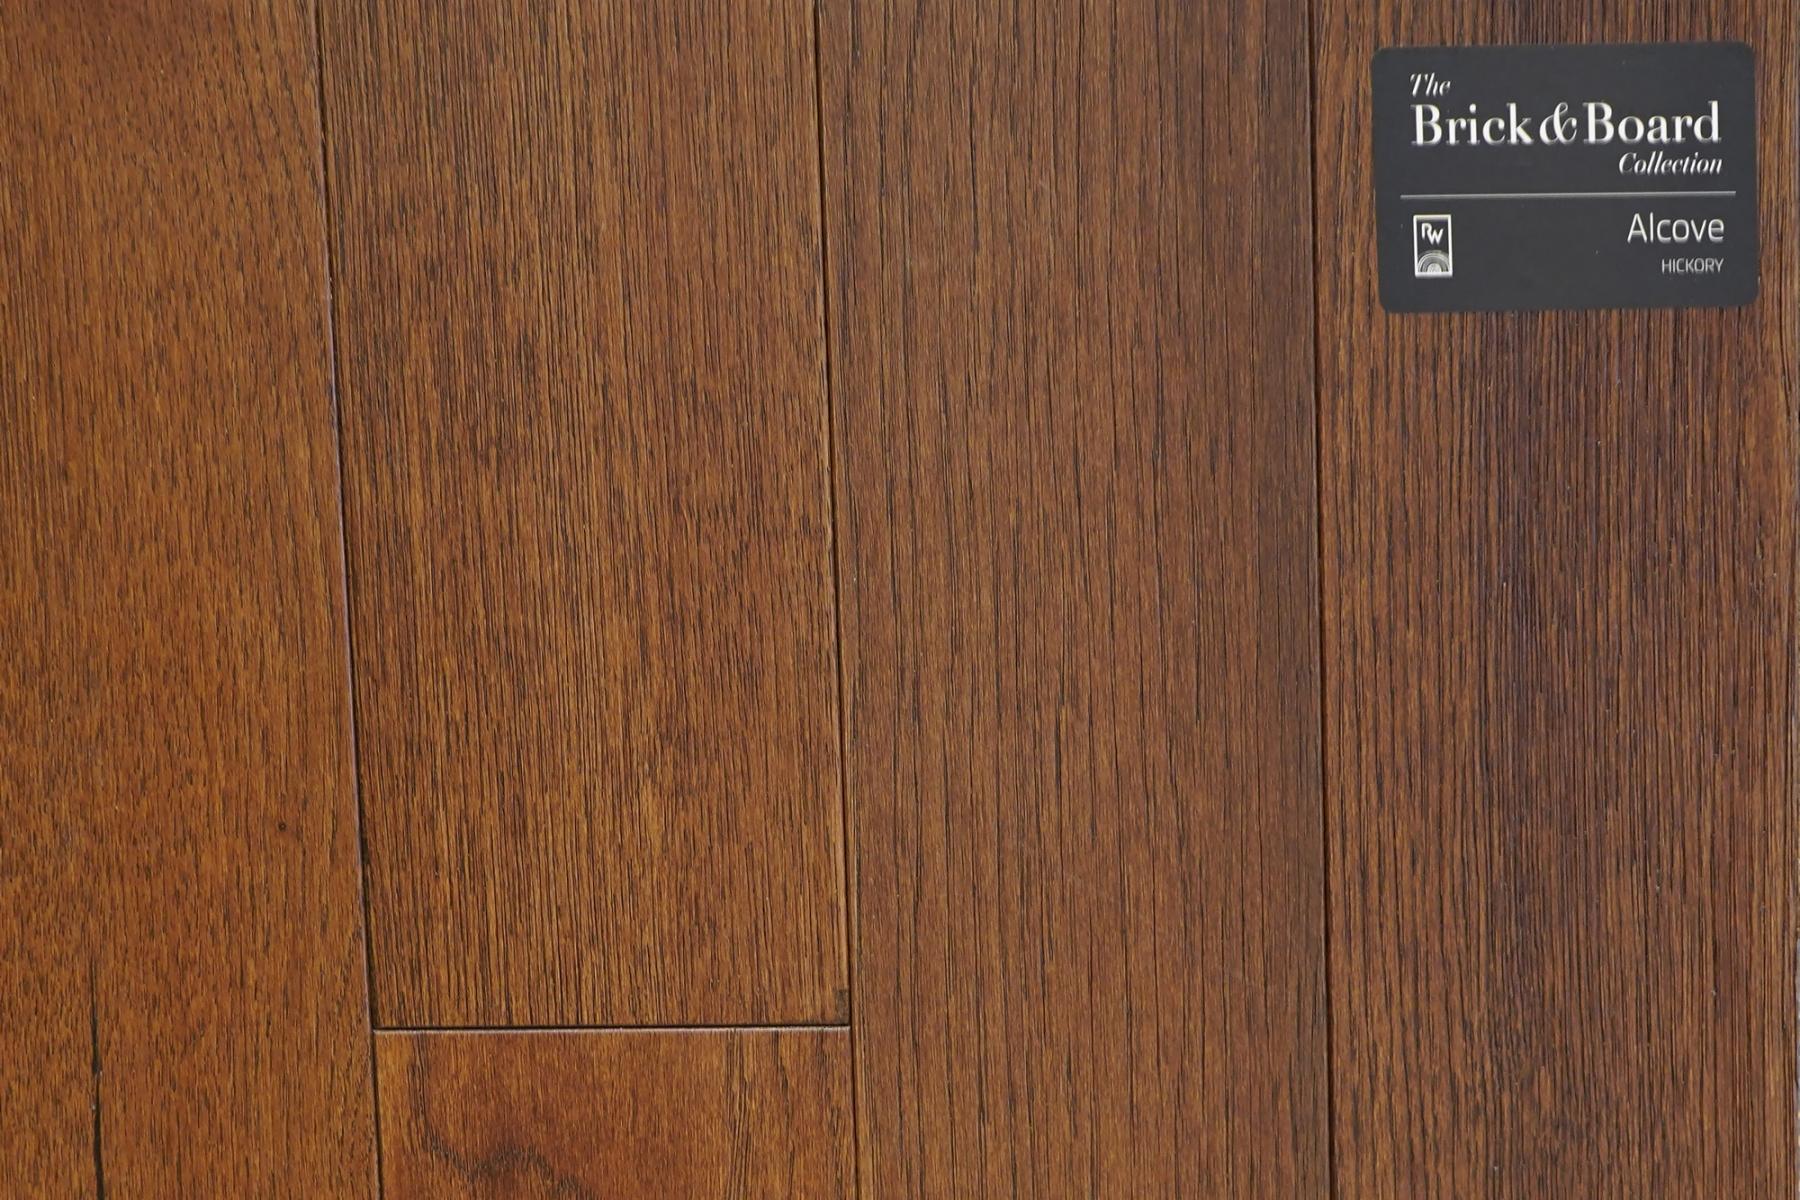 Brick & Board - Alcove